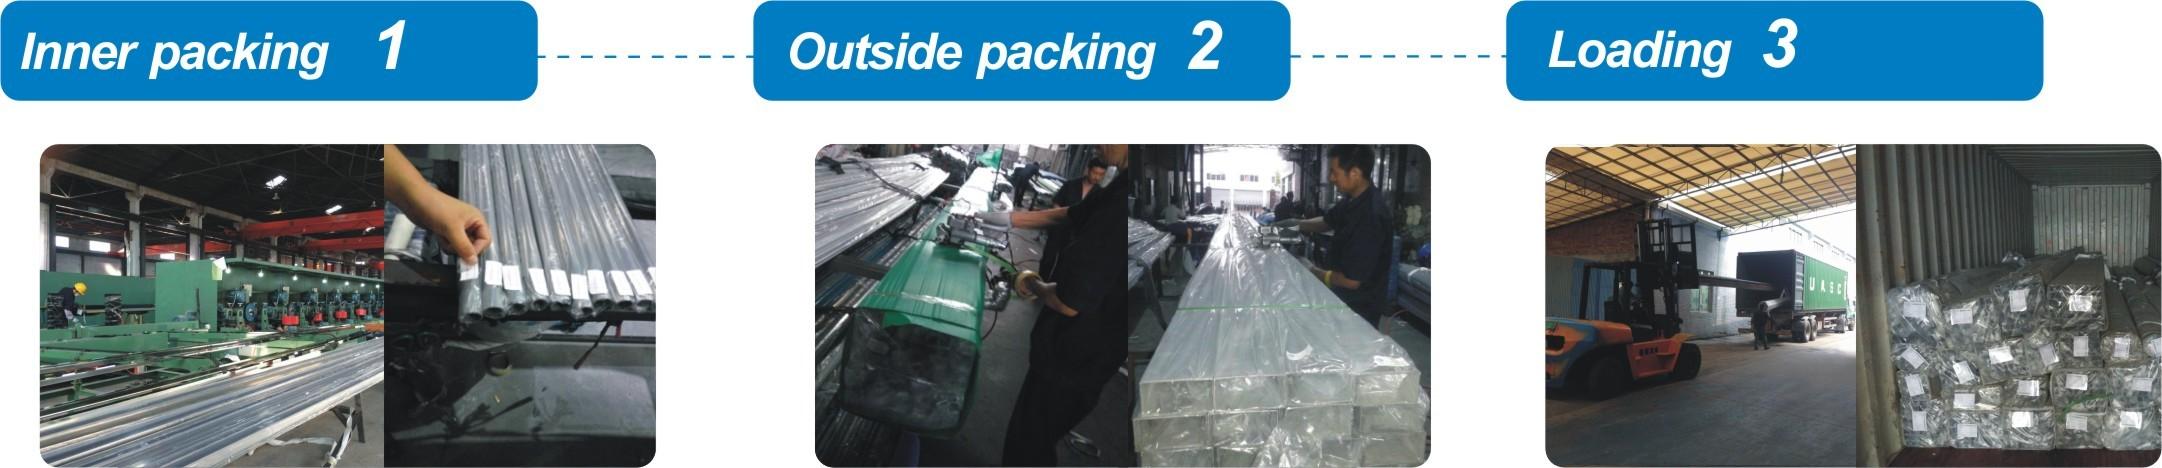 stainless steel rectangular tube packaging